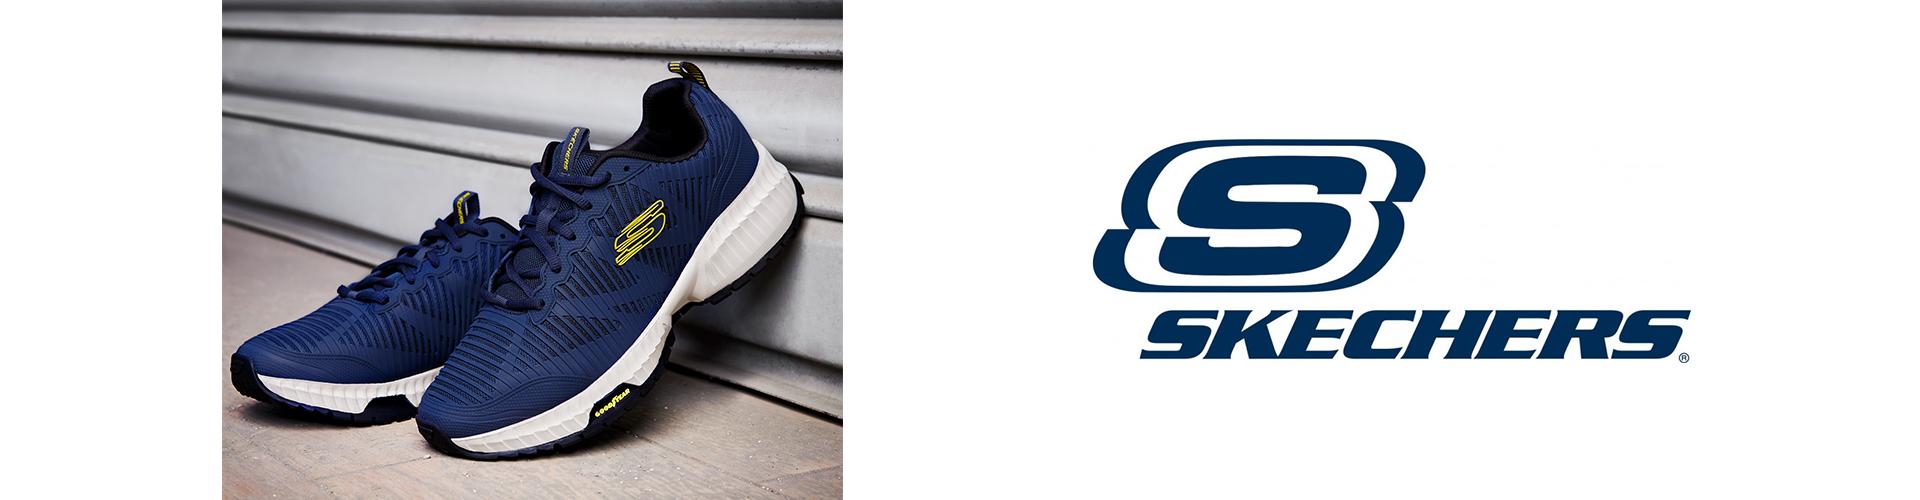 f9cd0a0336b5 Férfi cipő webáruház – Rengeteg férfi cipő, bakancs és papucs egy  webáruházban!